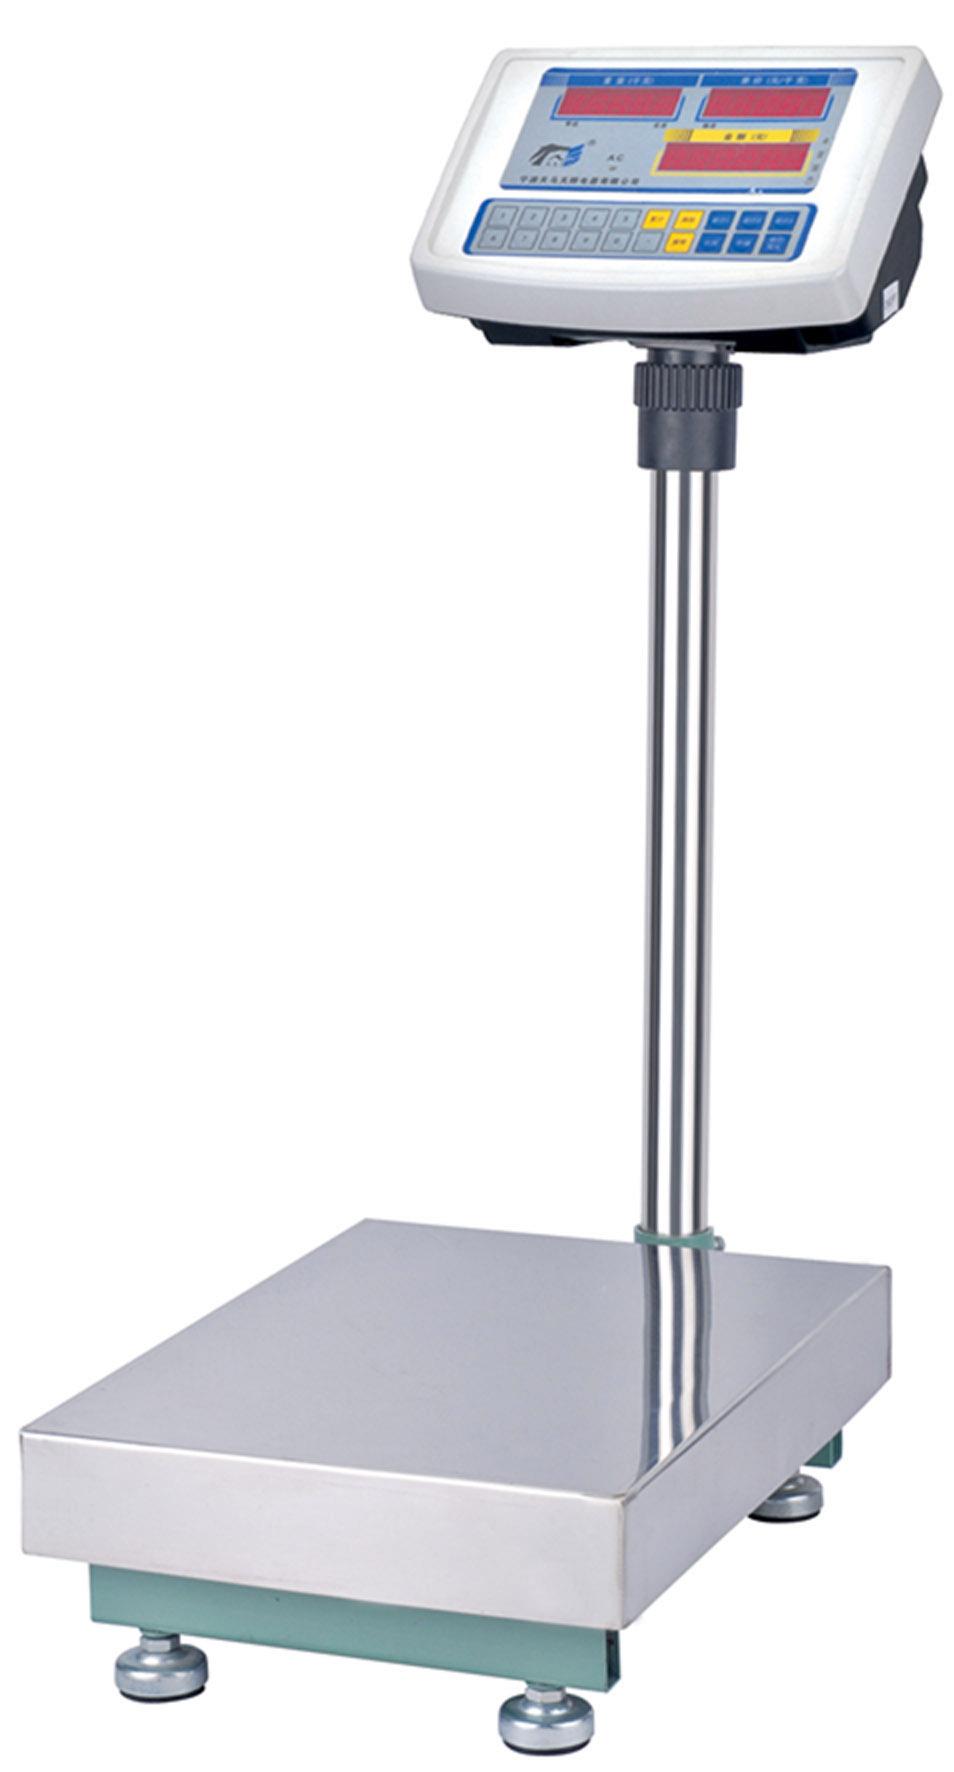 电子秤接线方法